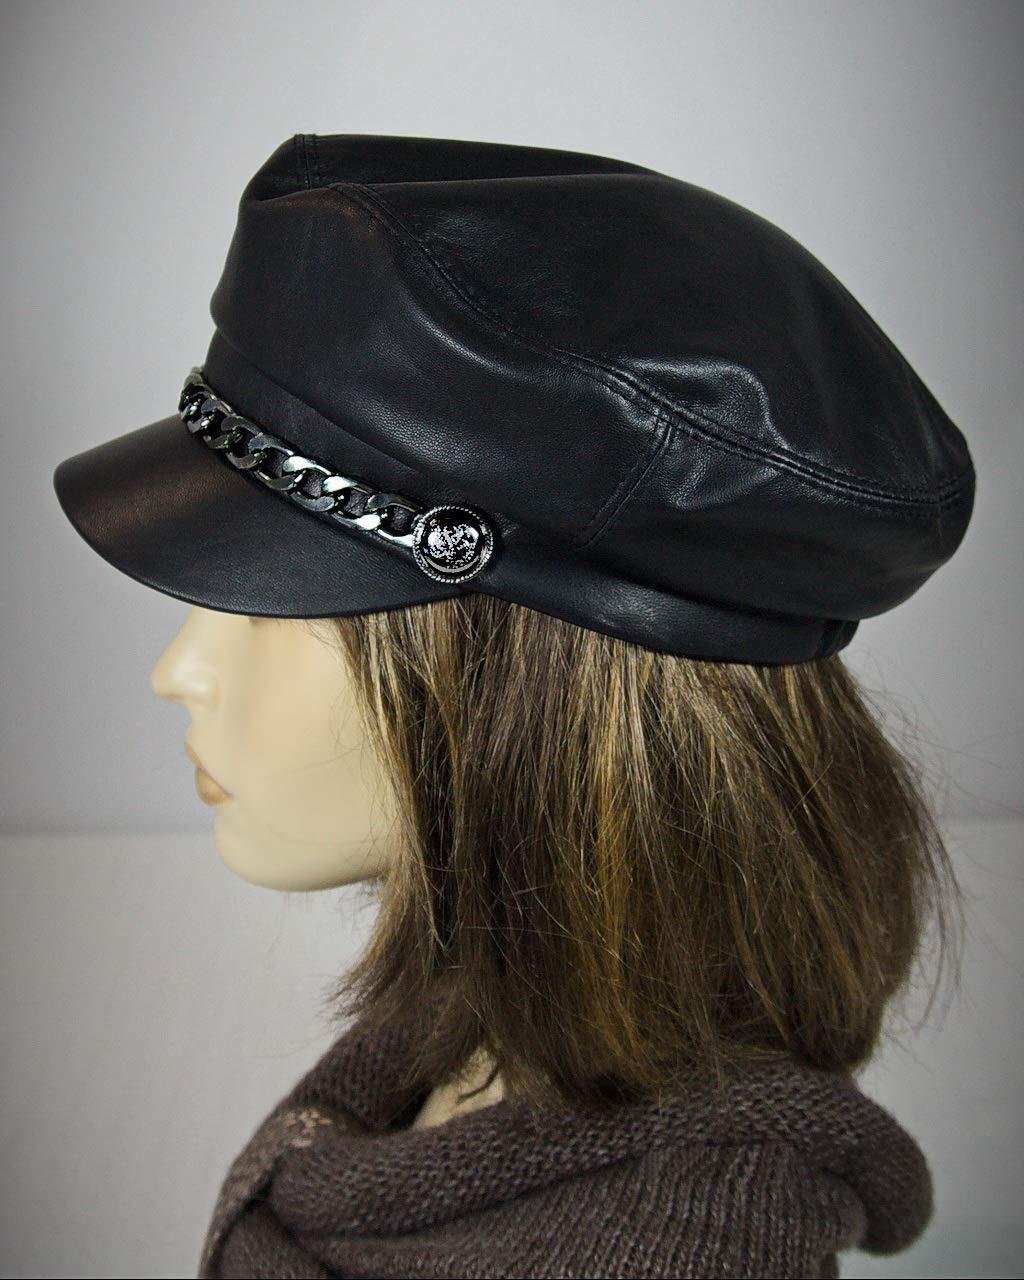 e6e47a998e19 Get Quotations · Cape Breton, Captain Hat, Leather Cap, Baker Boy Cap, Baker  Boy Hat